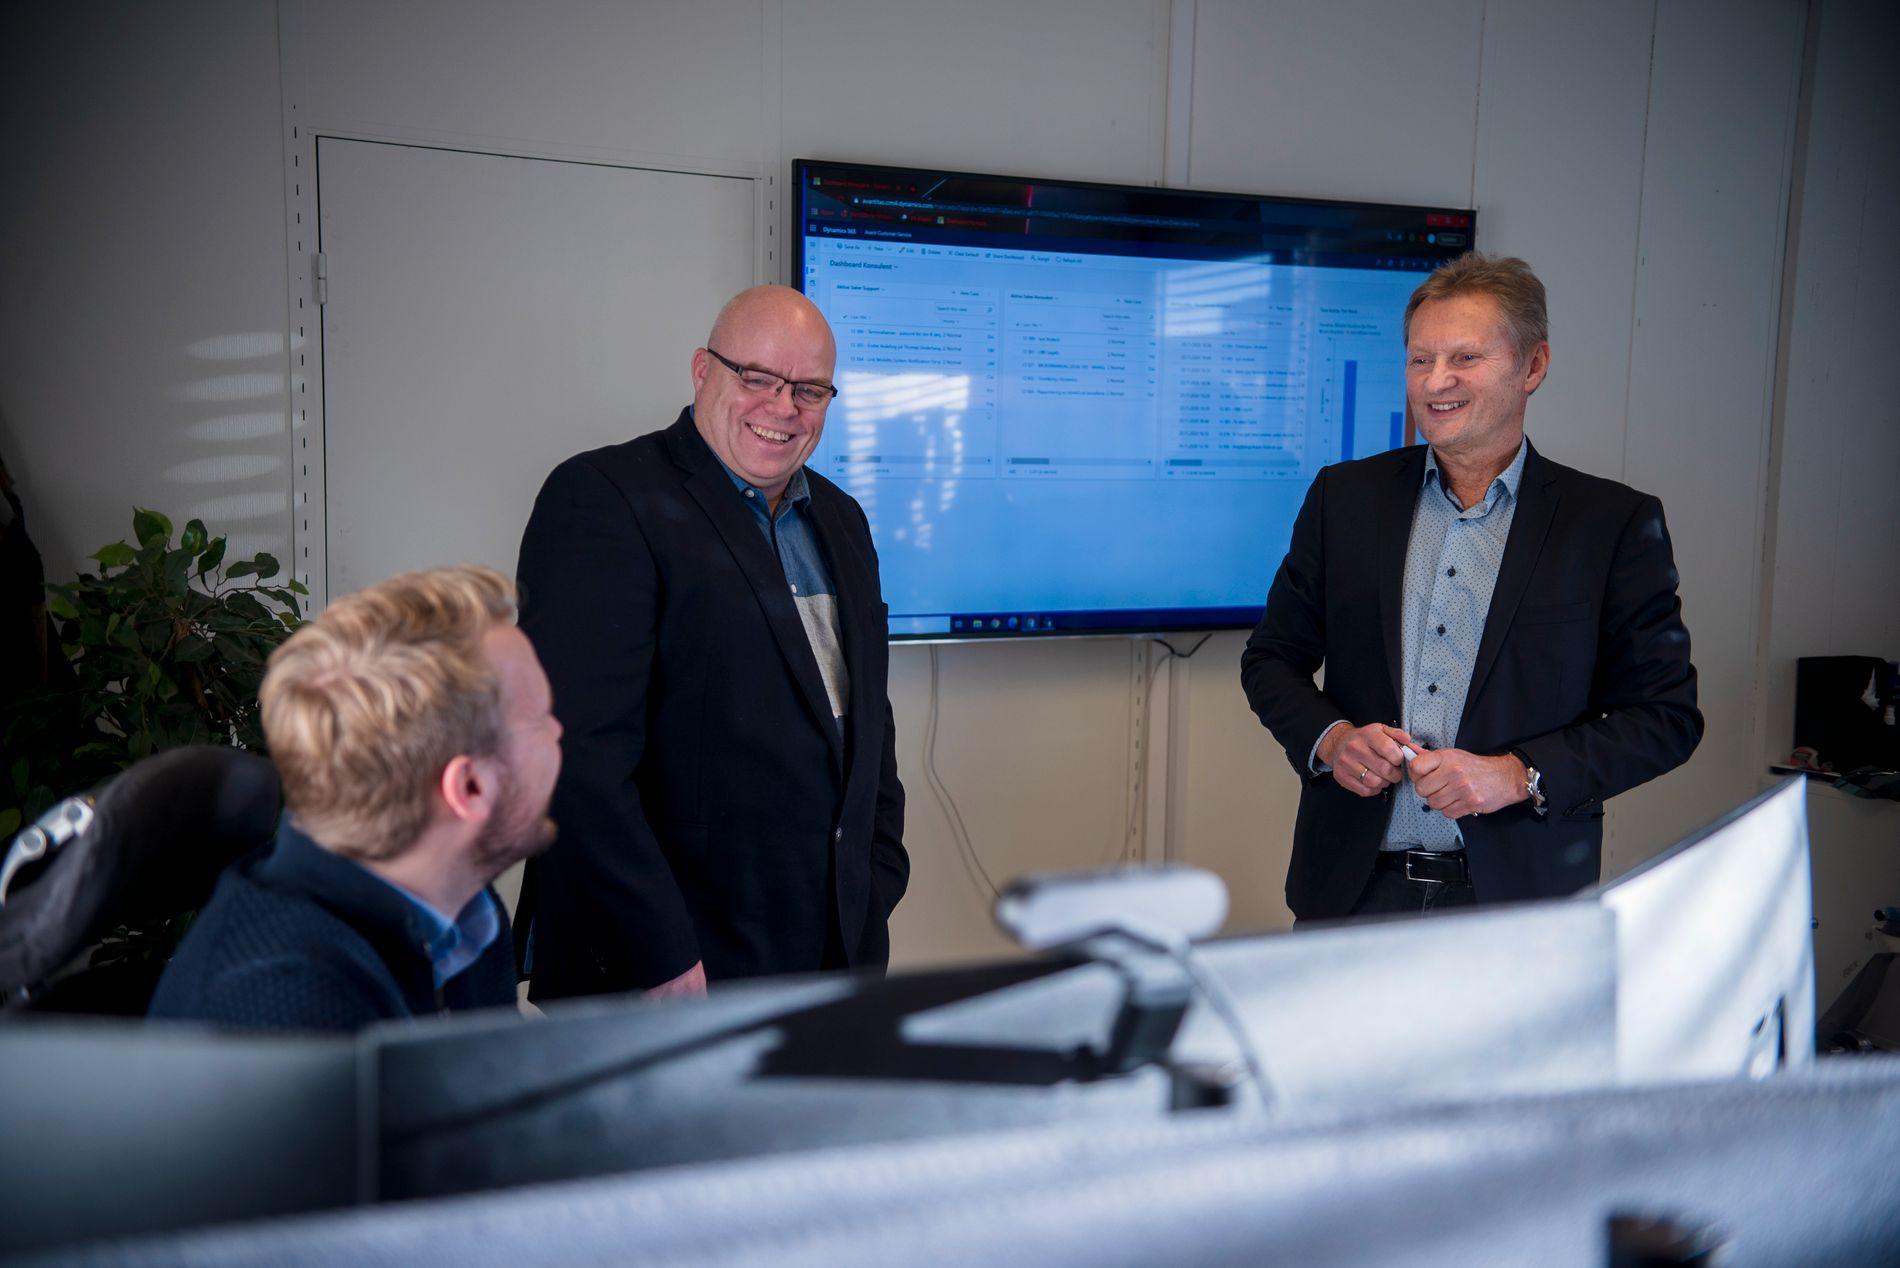 FREMOVERLENTE: Det er daglig leder Morten Eriksen (til høyre) og Avant IT-kollegene, blant andre Espen Mellesmo (til venstre) og Stig Karlsen, som står bak Avant Legal 365.